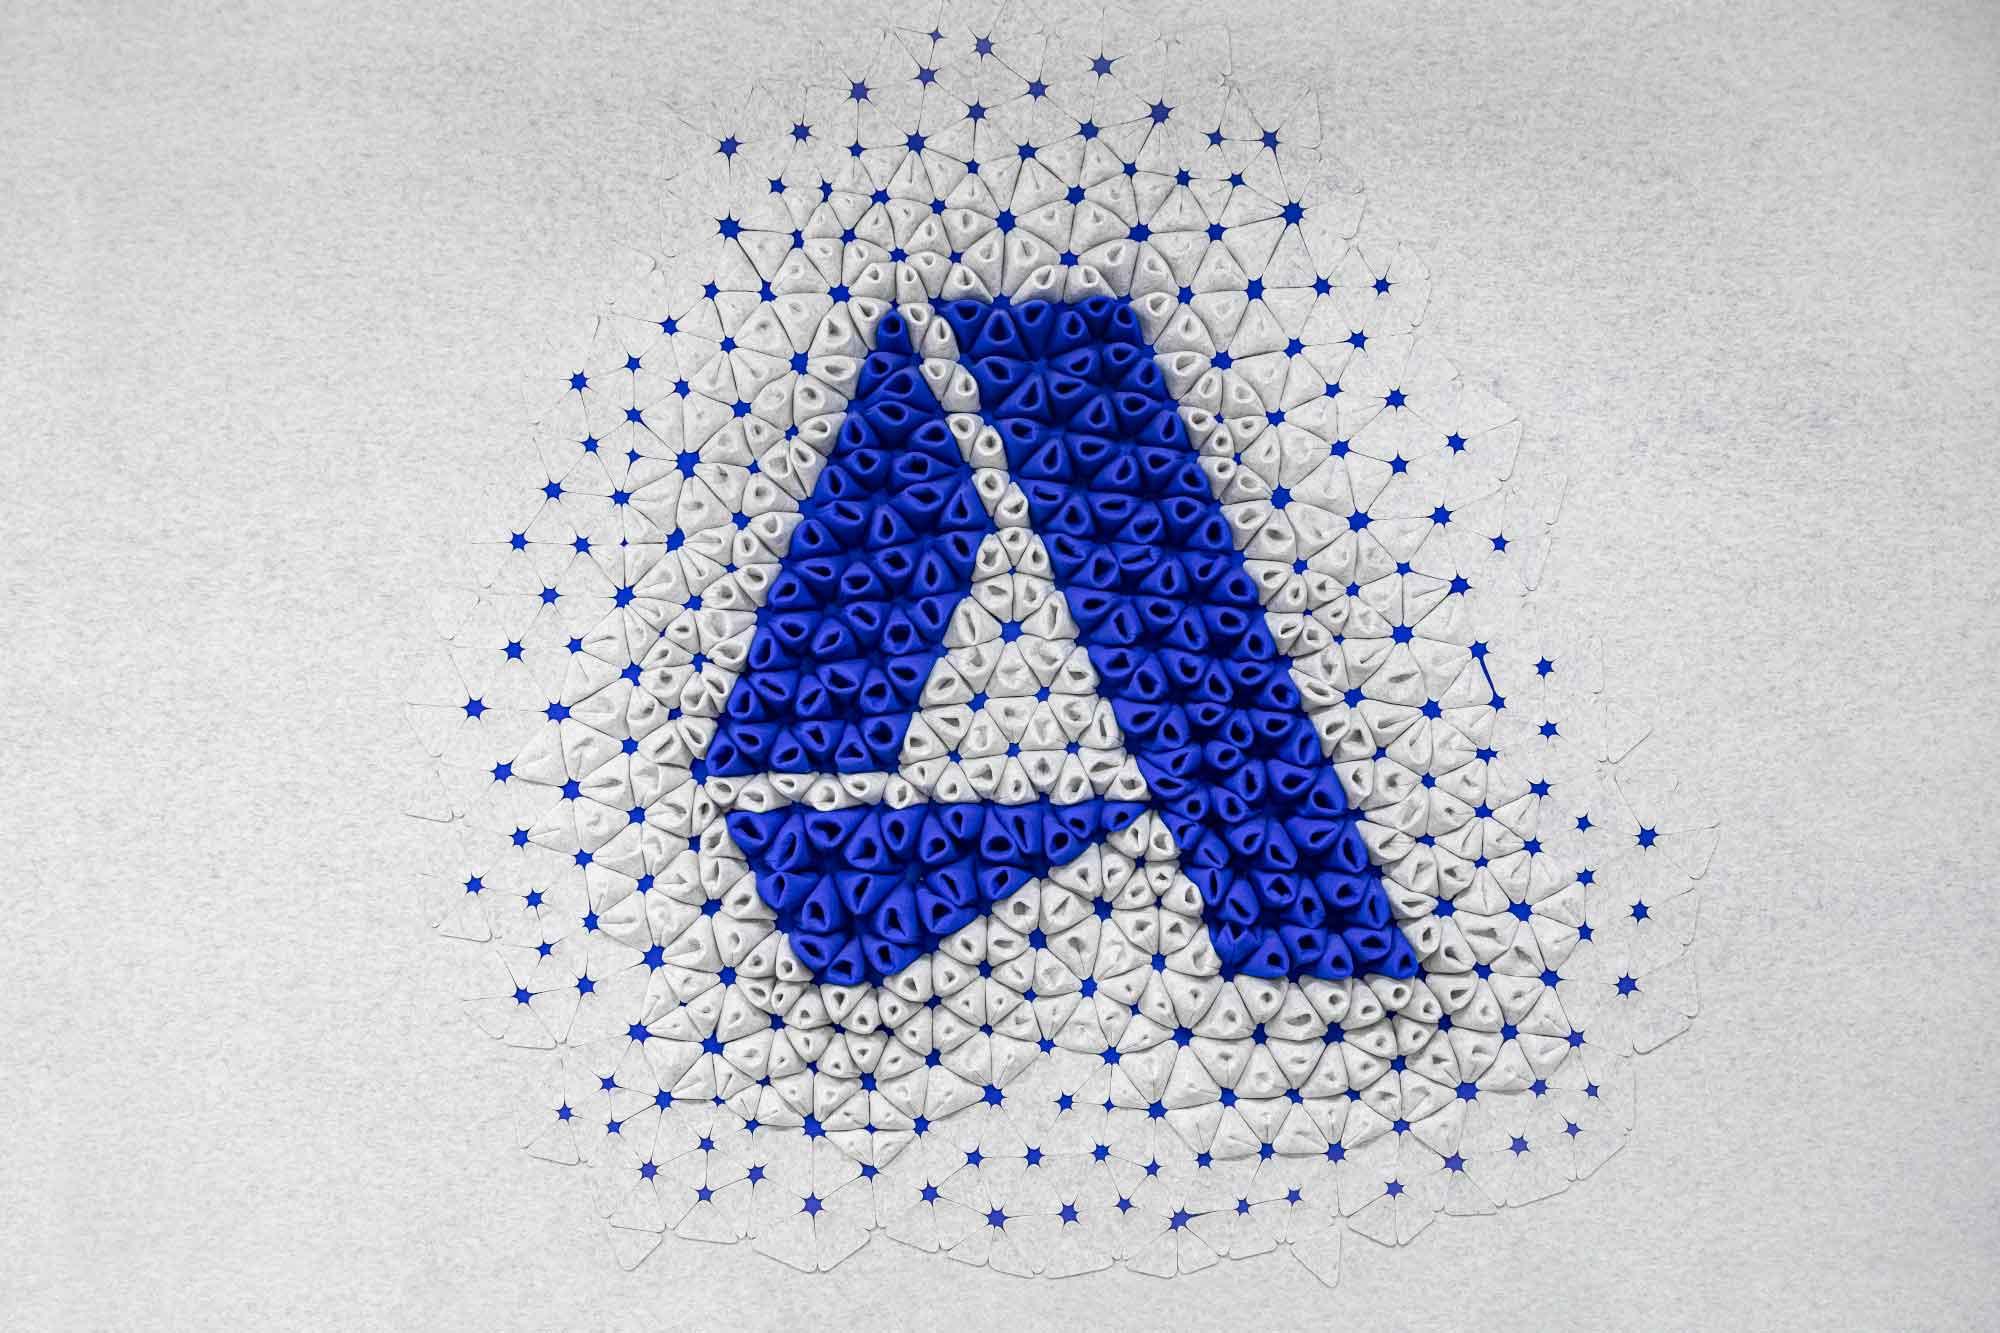 La A de Autodesk